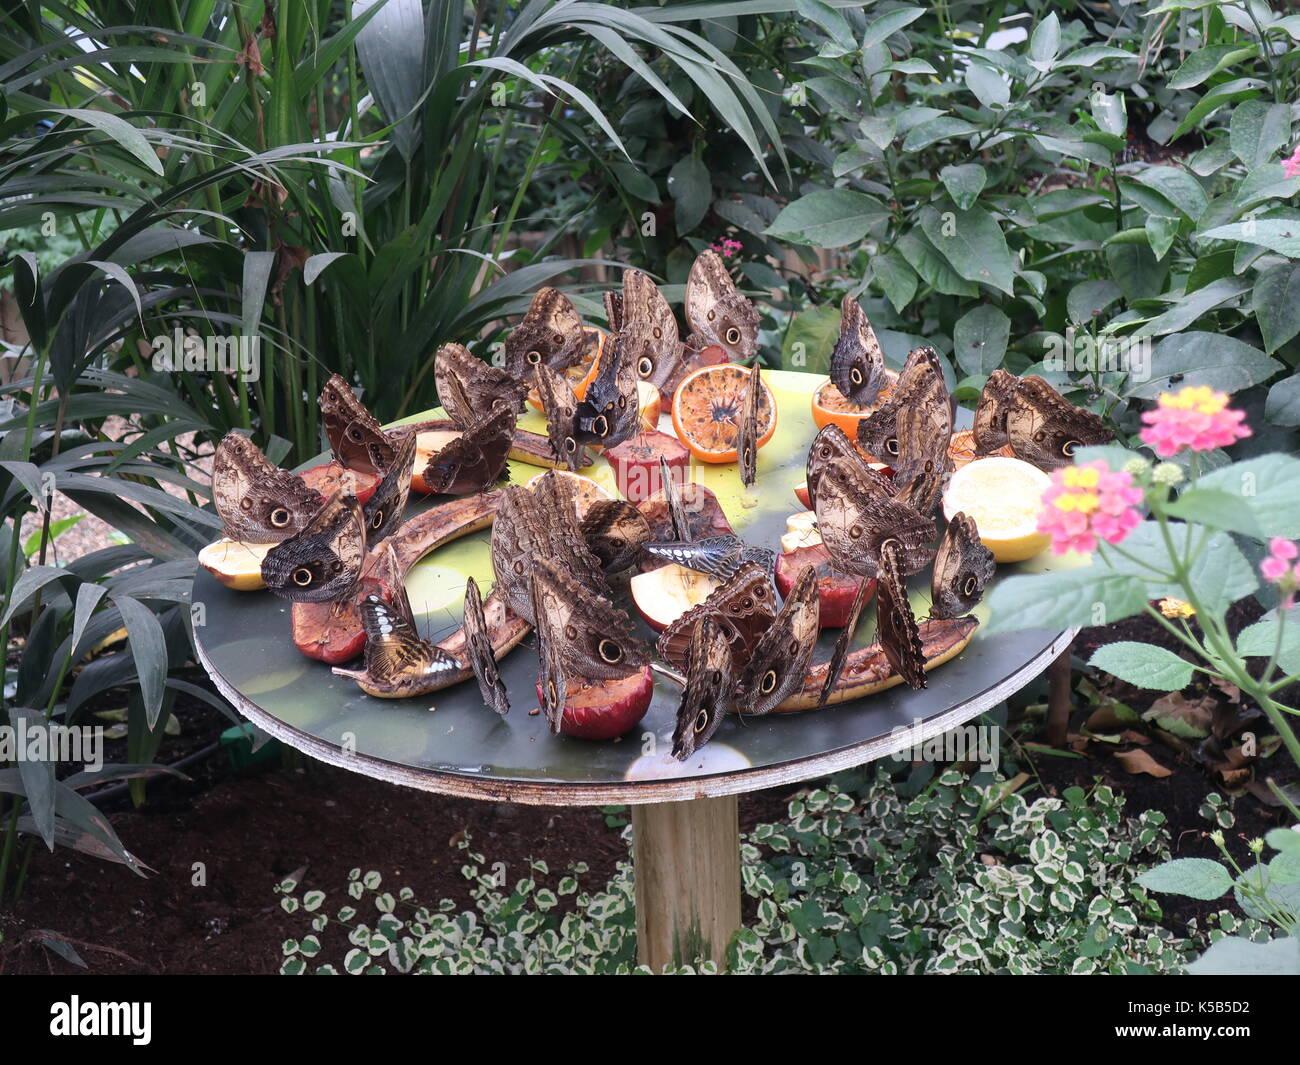 Il gufo pallido farfalle gorge sui frutti la casa delle farfalle, museo di storia naturale di South Kensington, Londra, Regno Unito. Immagini Stock